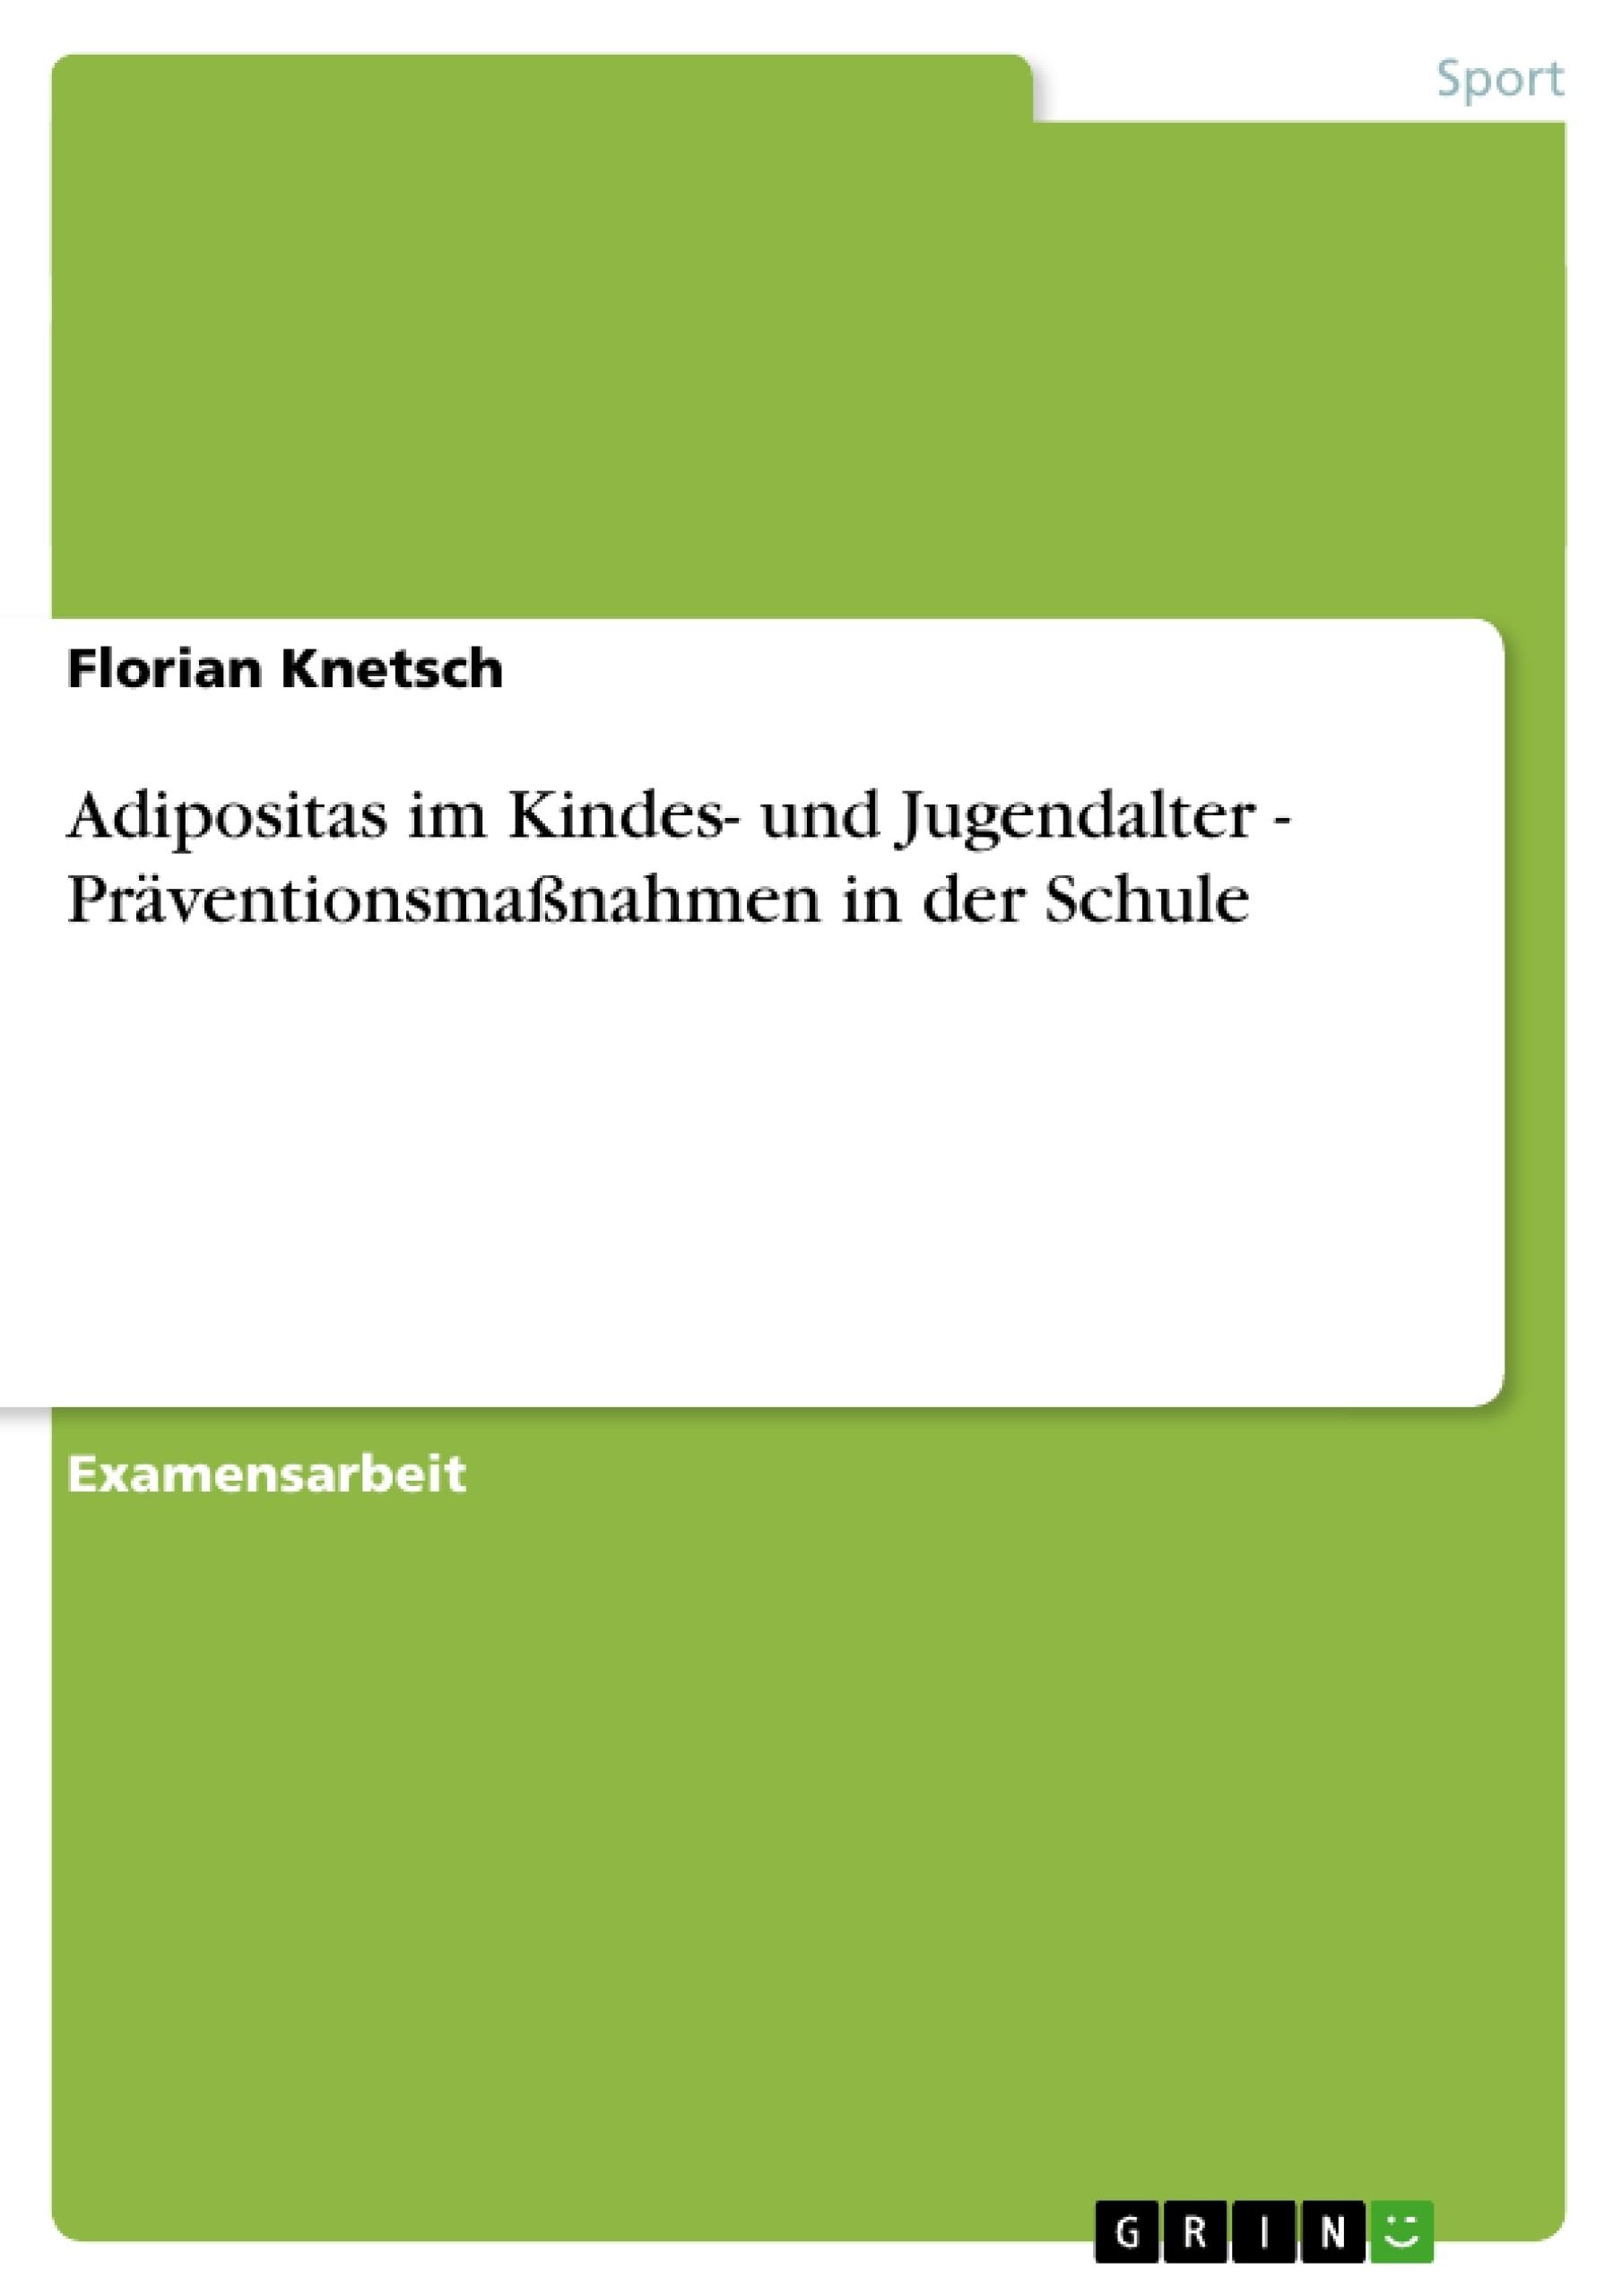 Titel: Adipositas im Kindes- und Jugendalter - Präventionsmaßnahmen in der Schule